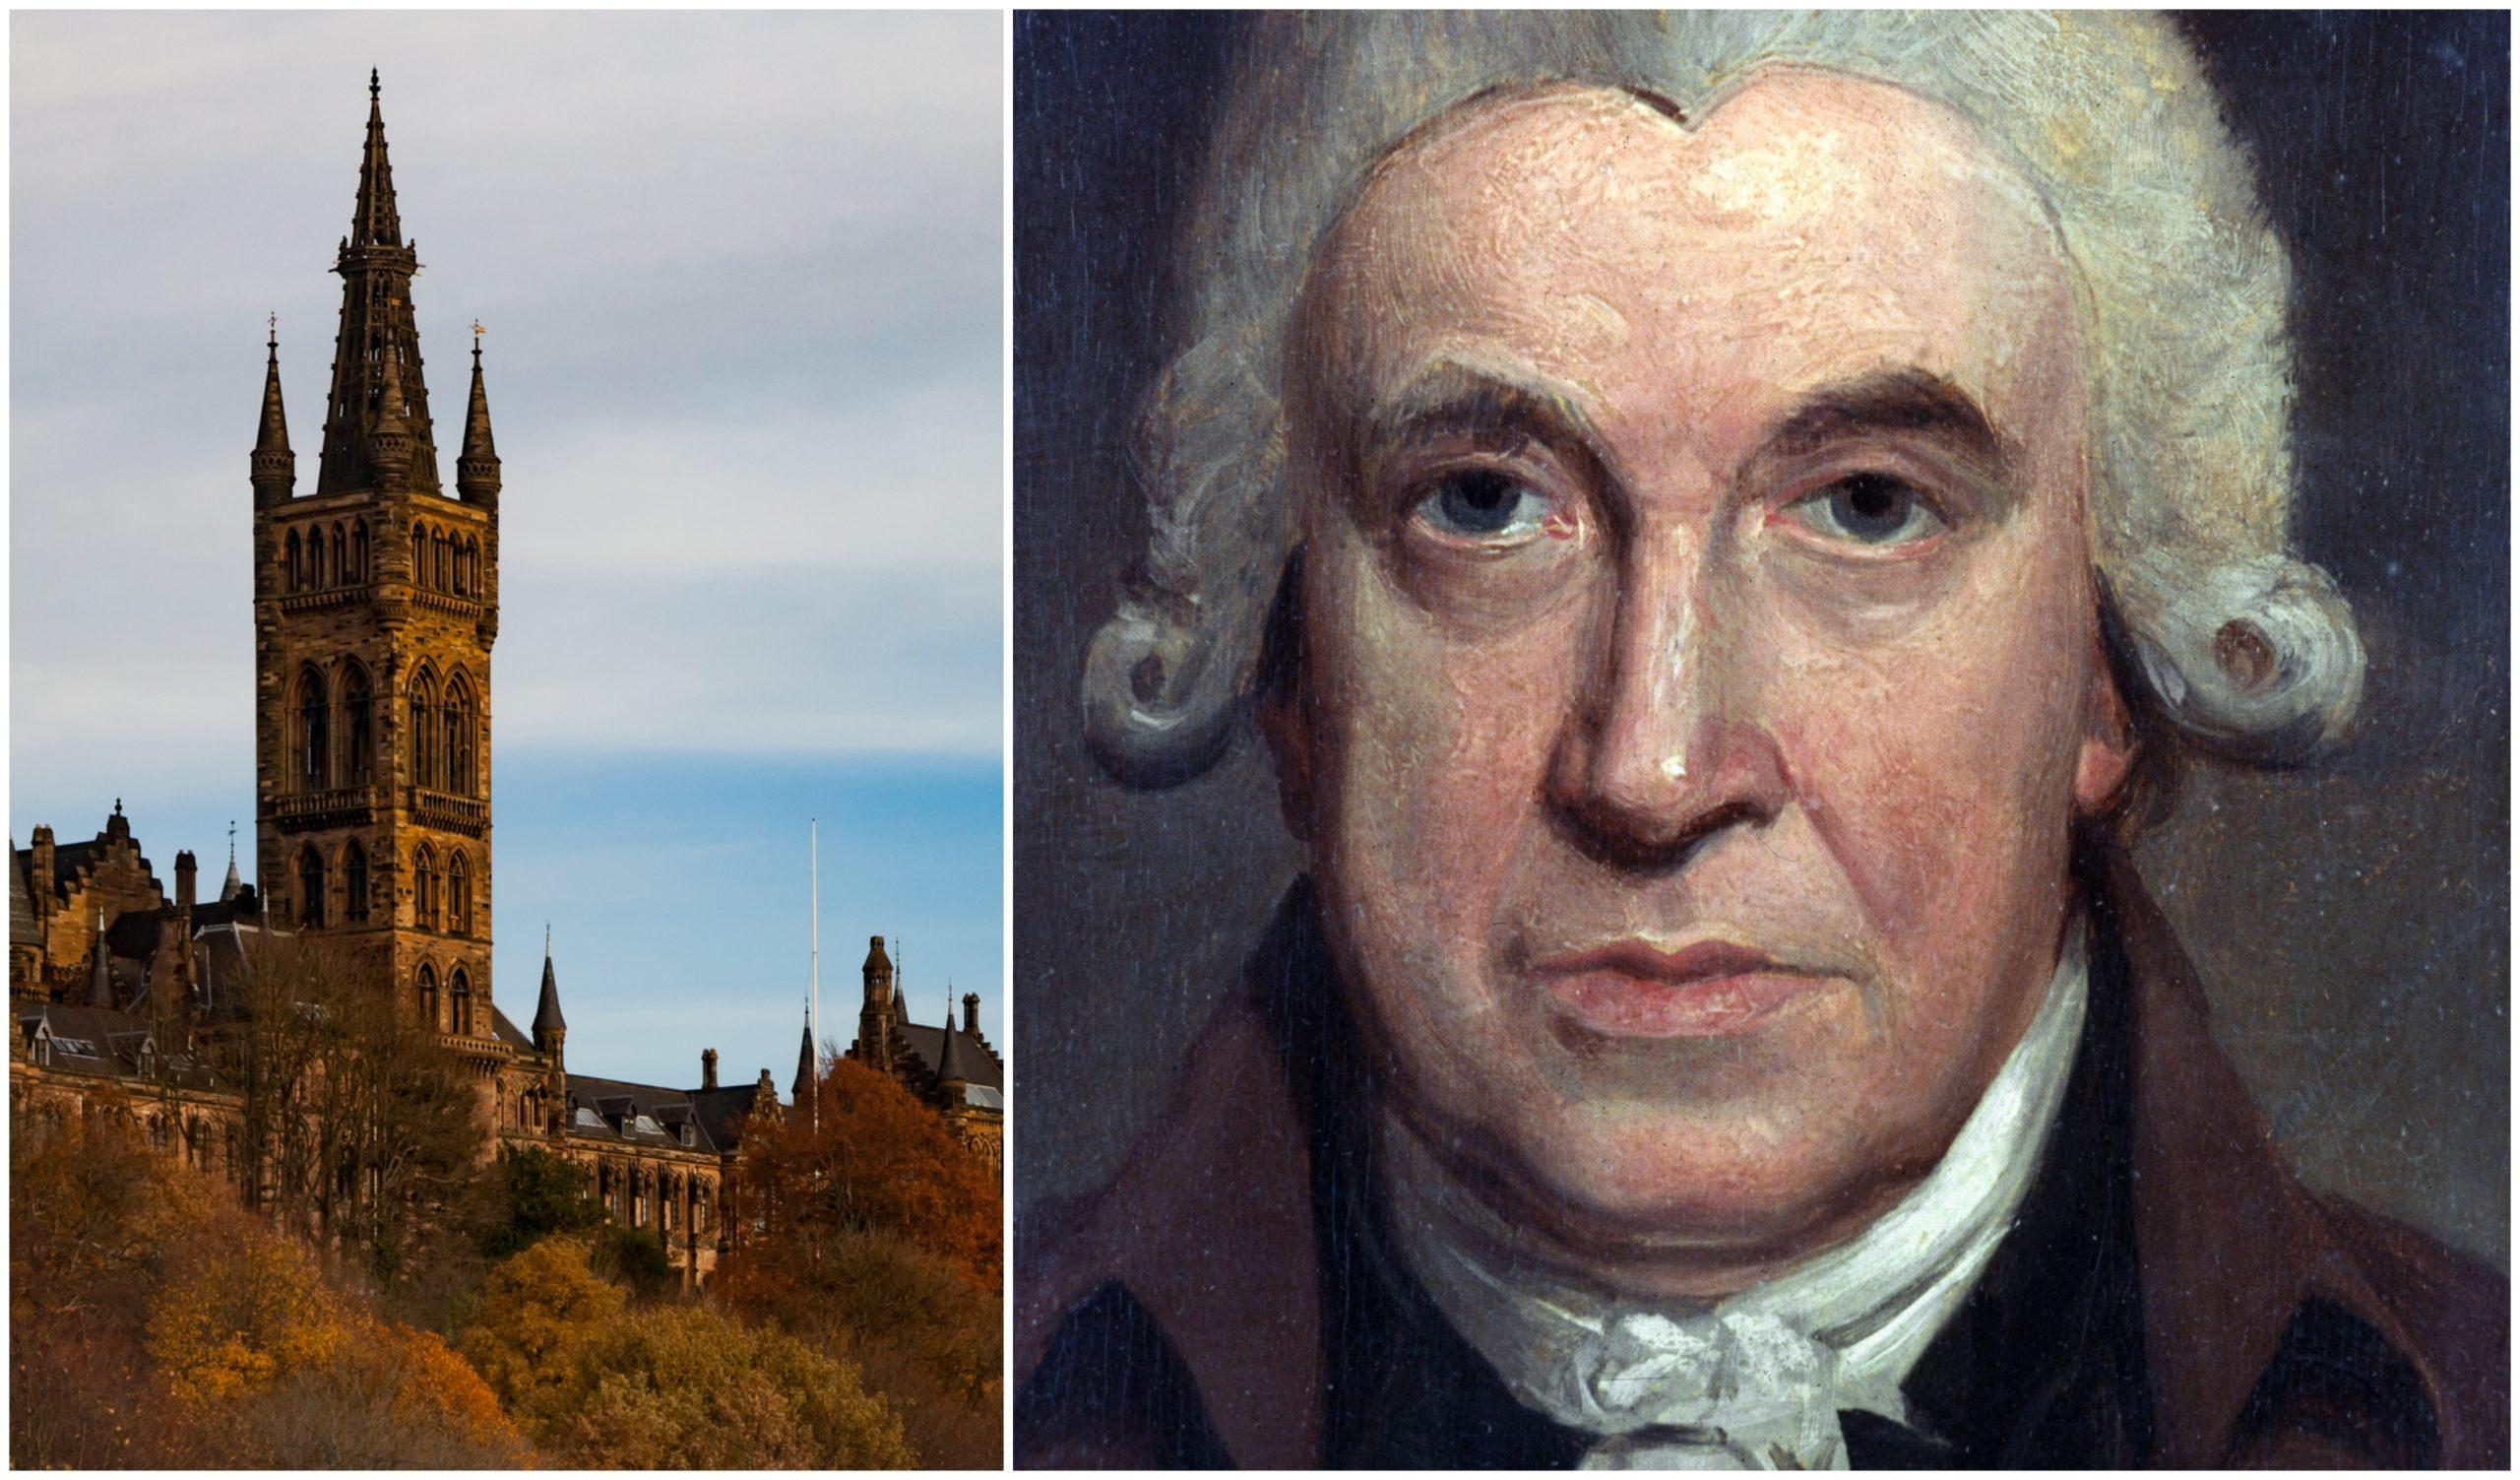 Glasgow University renamed its engineering school after James Watt